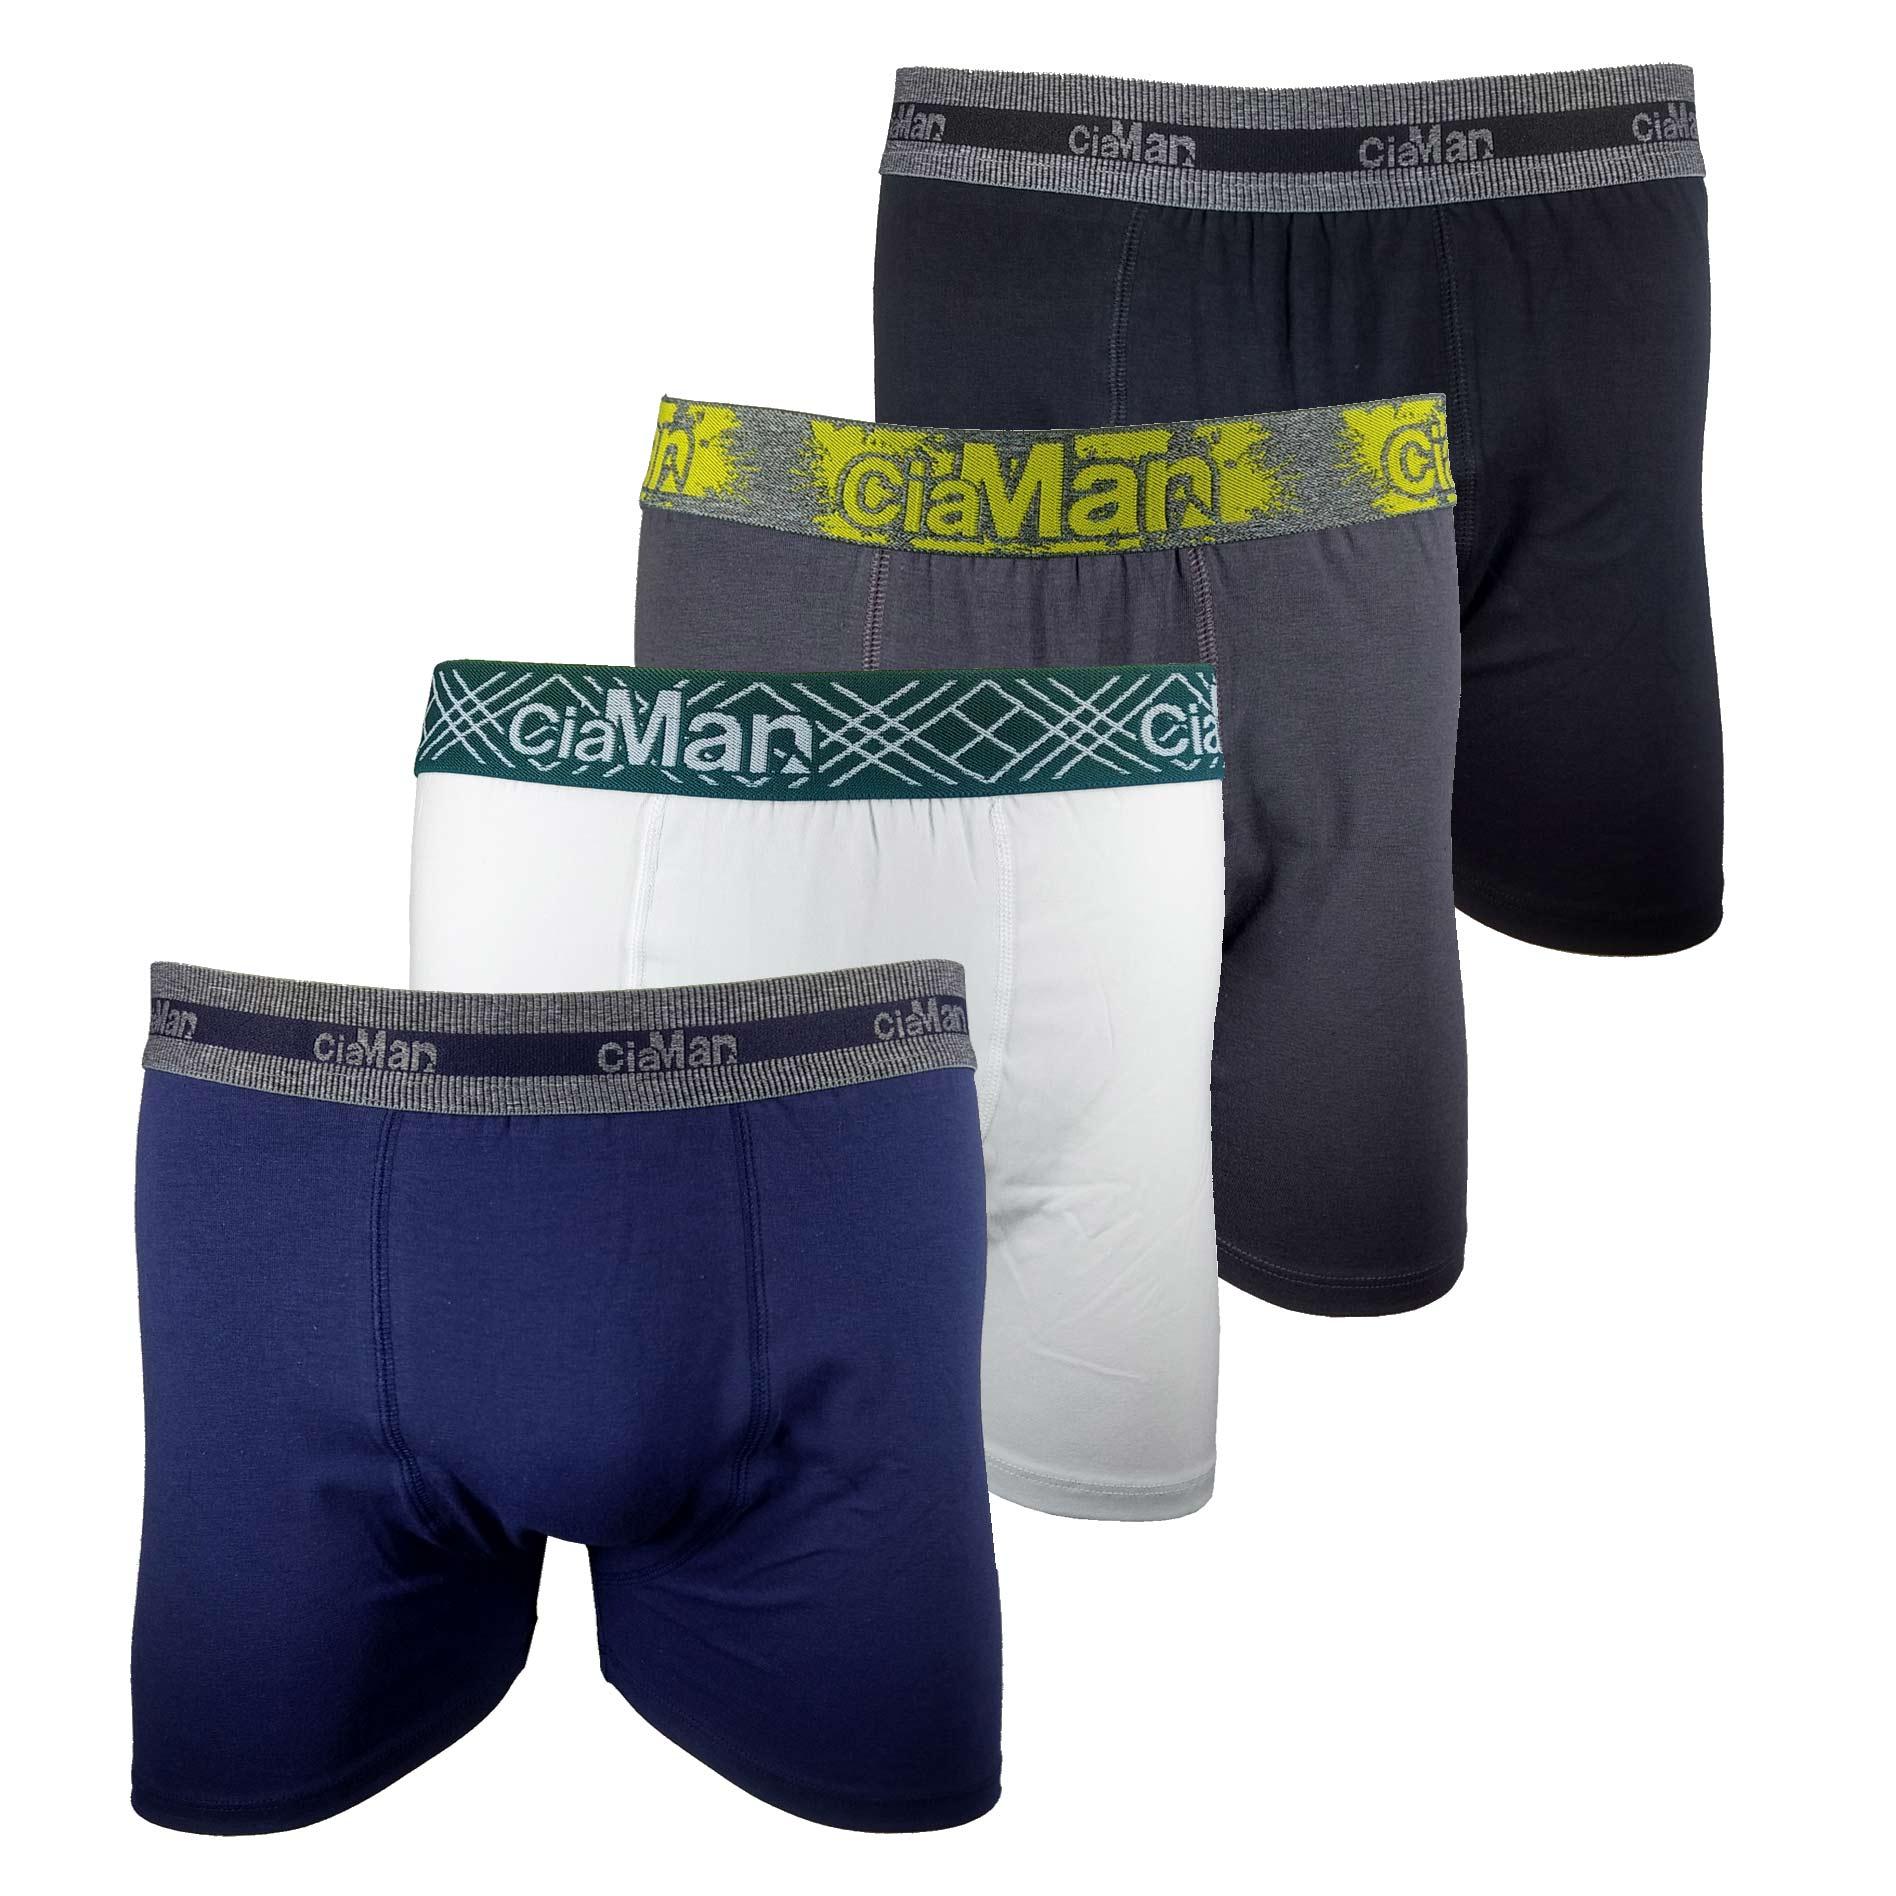 Cueca Boxer Cotton Plus Size CiaMan BPS05